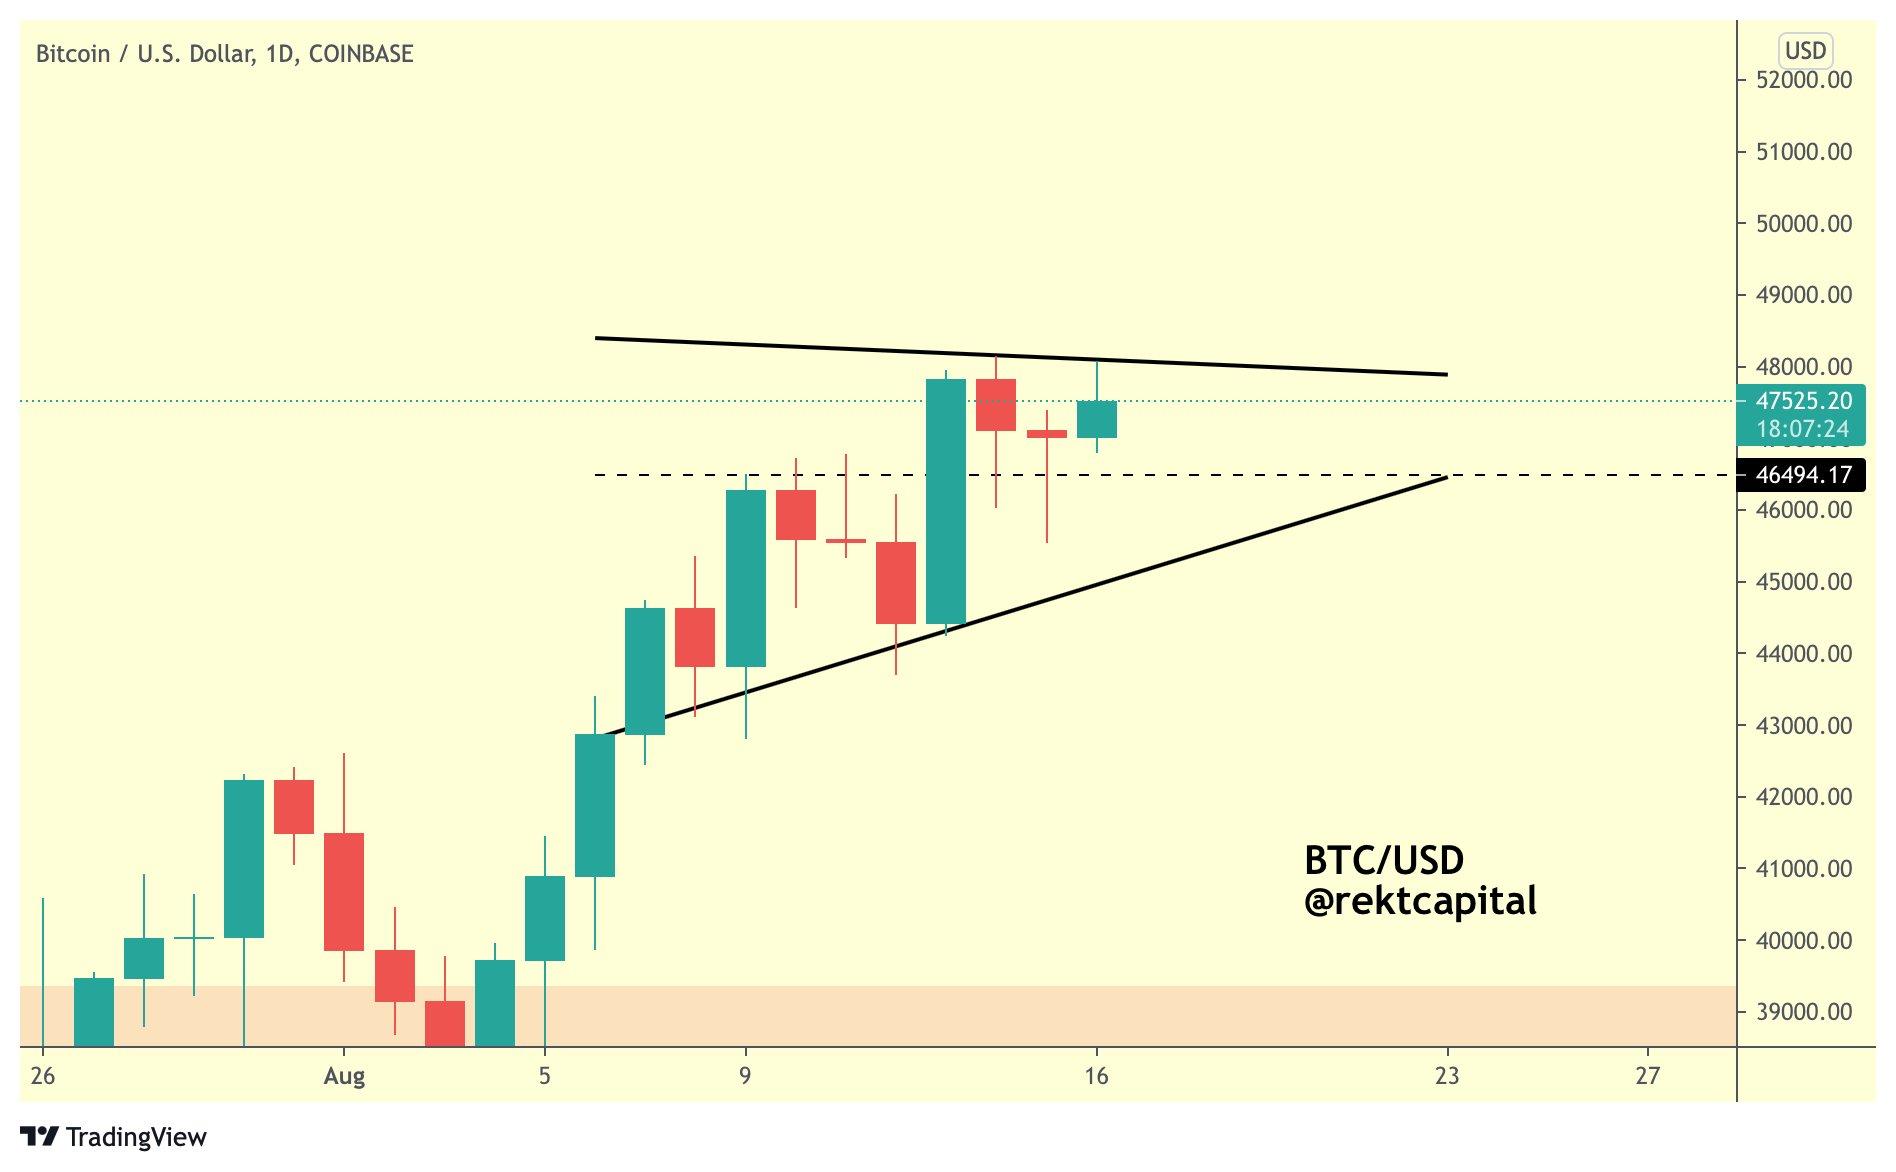 Struttura di triangolo ascendente in BTC/USD